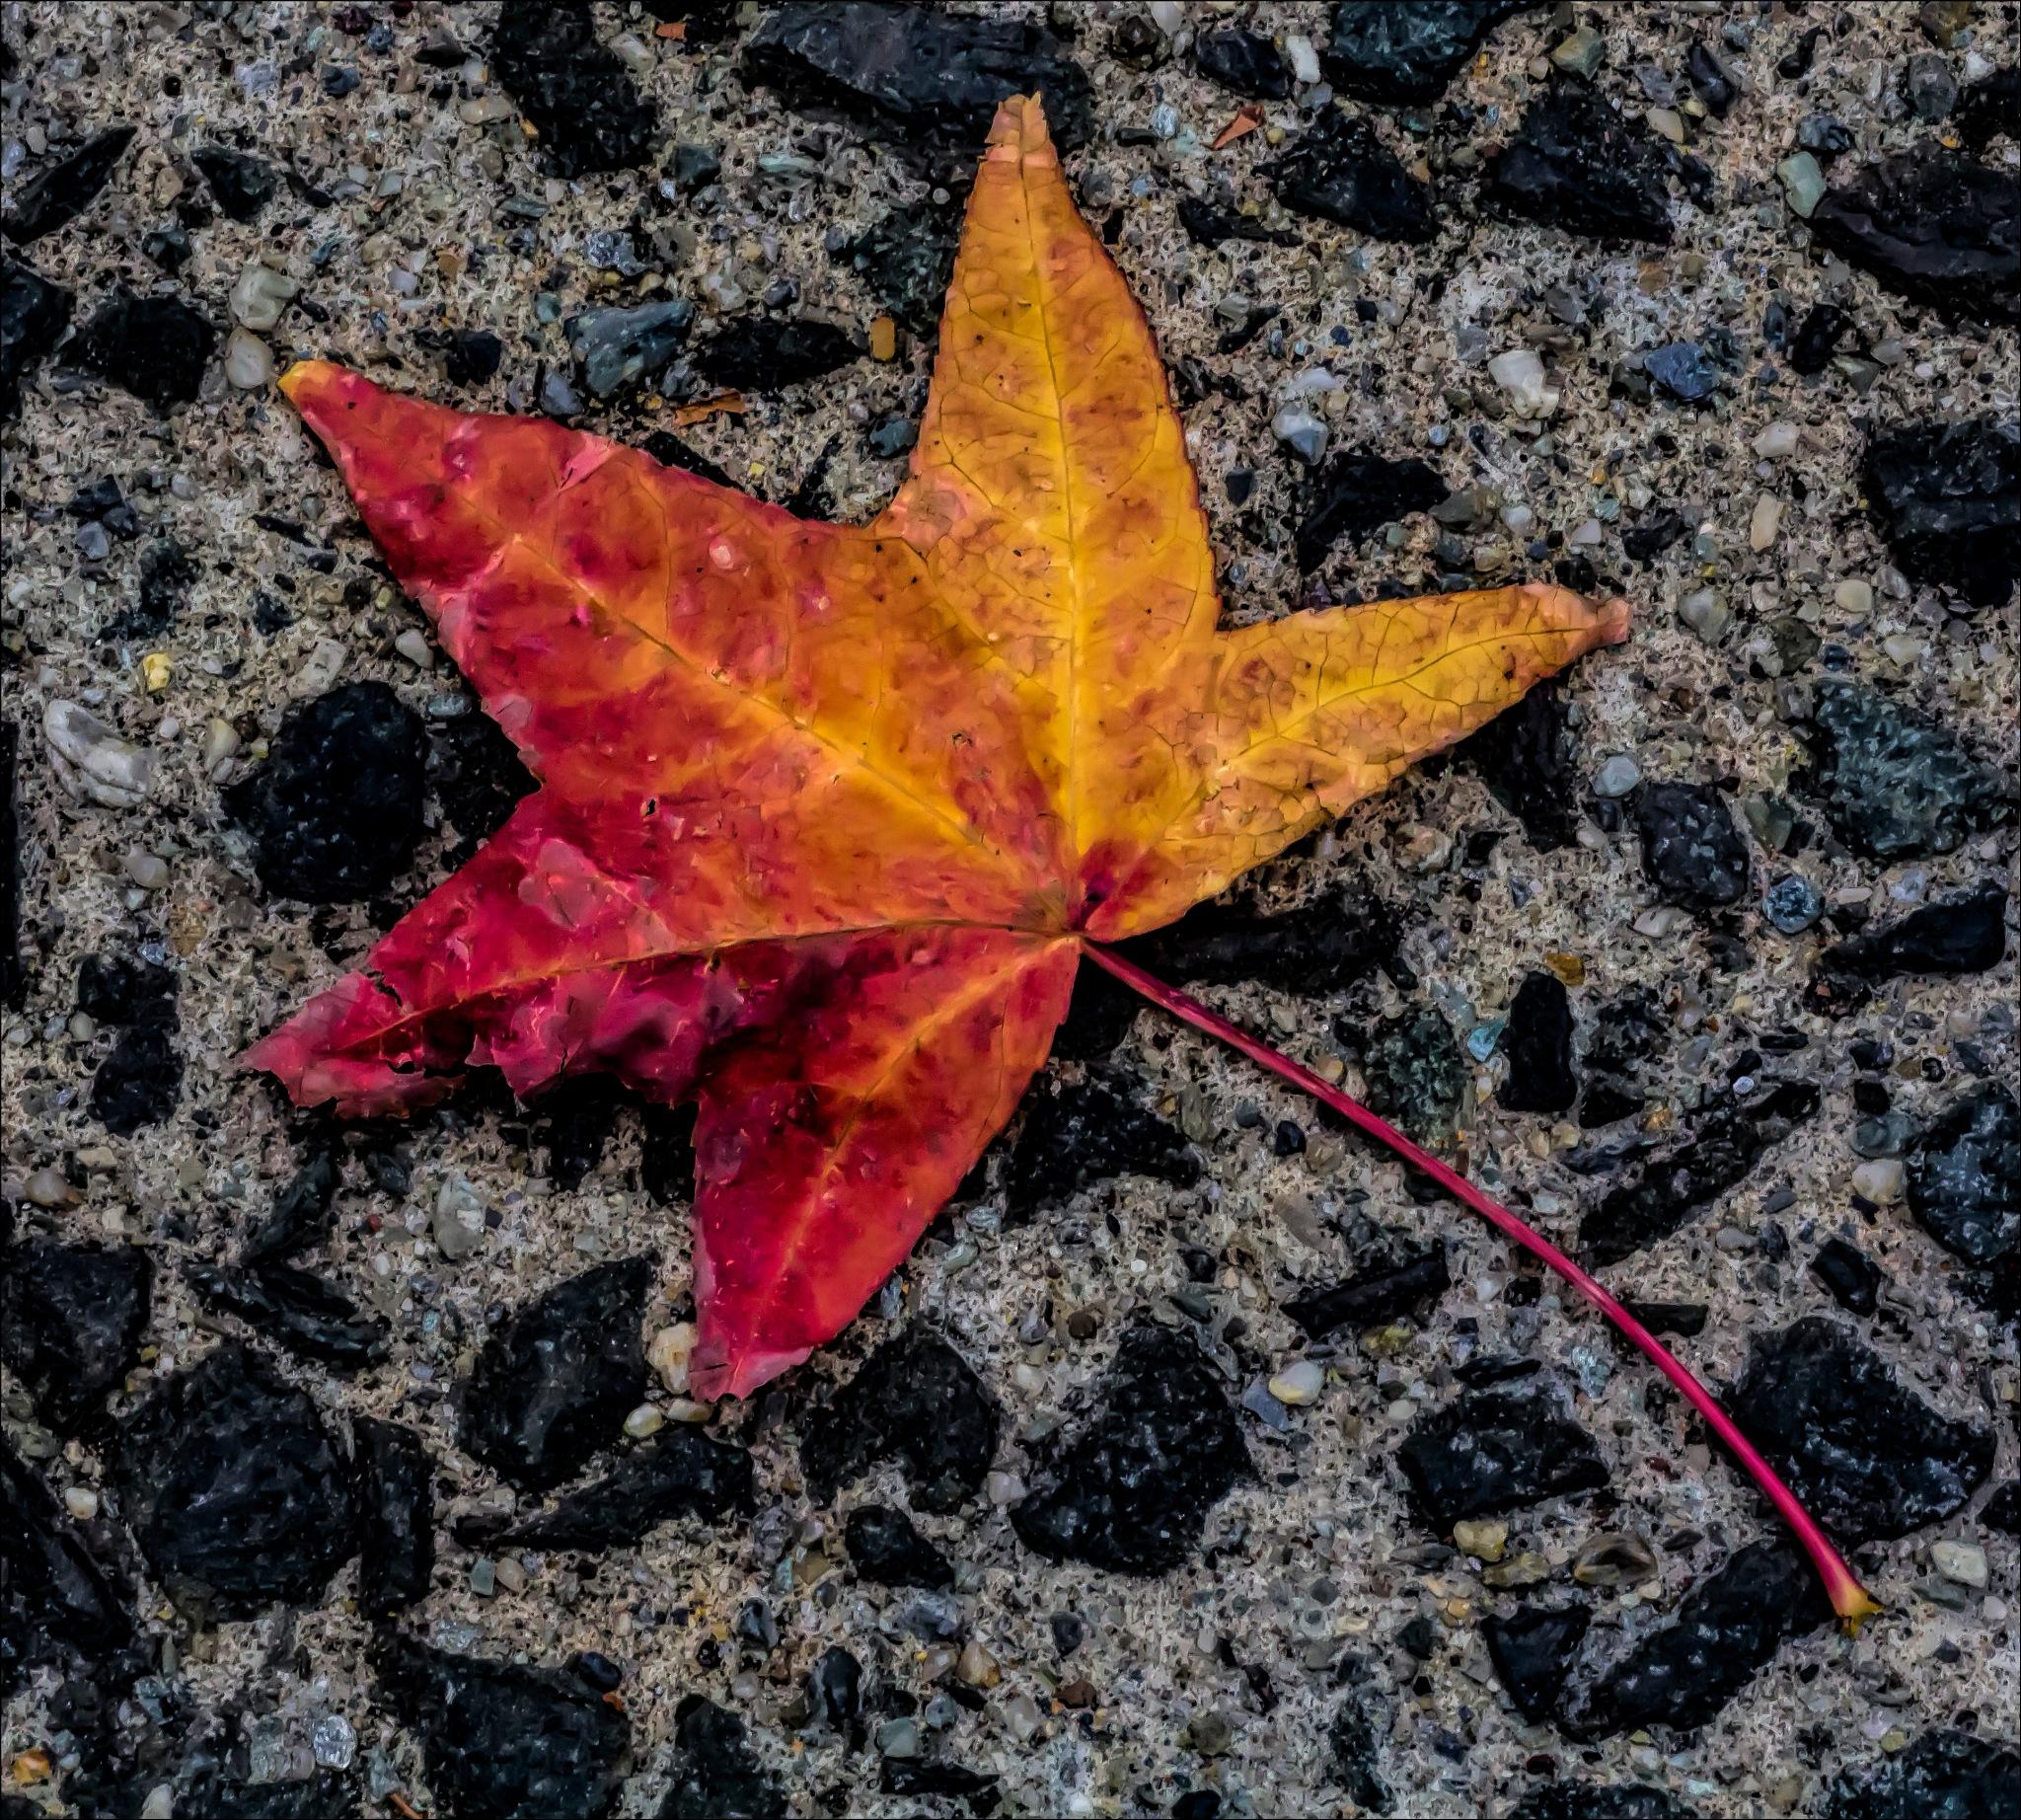 Fall Leaf on Sidewalk by robertullmann